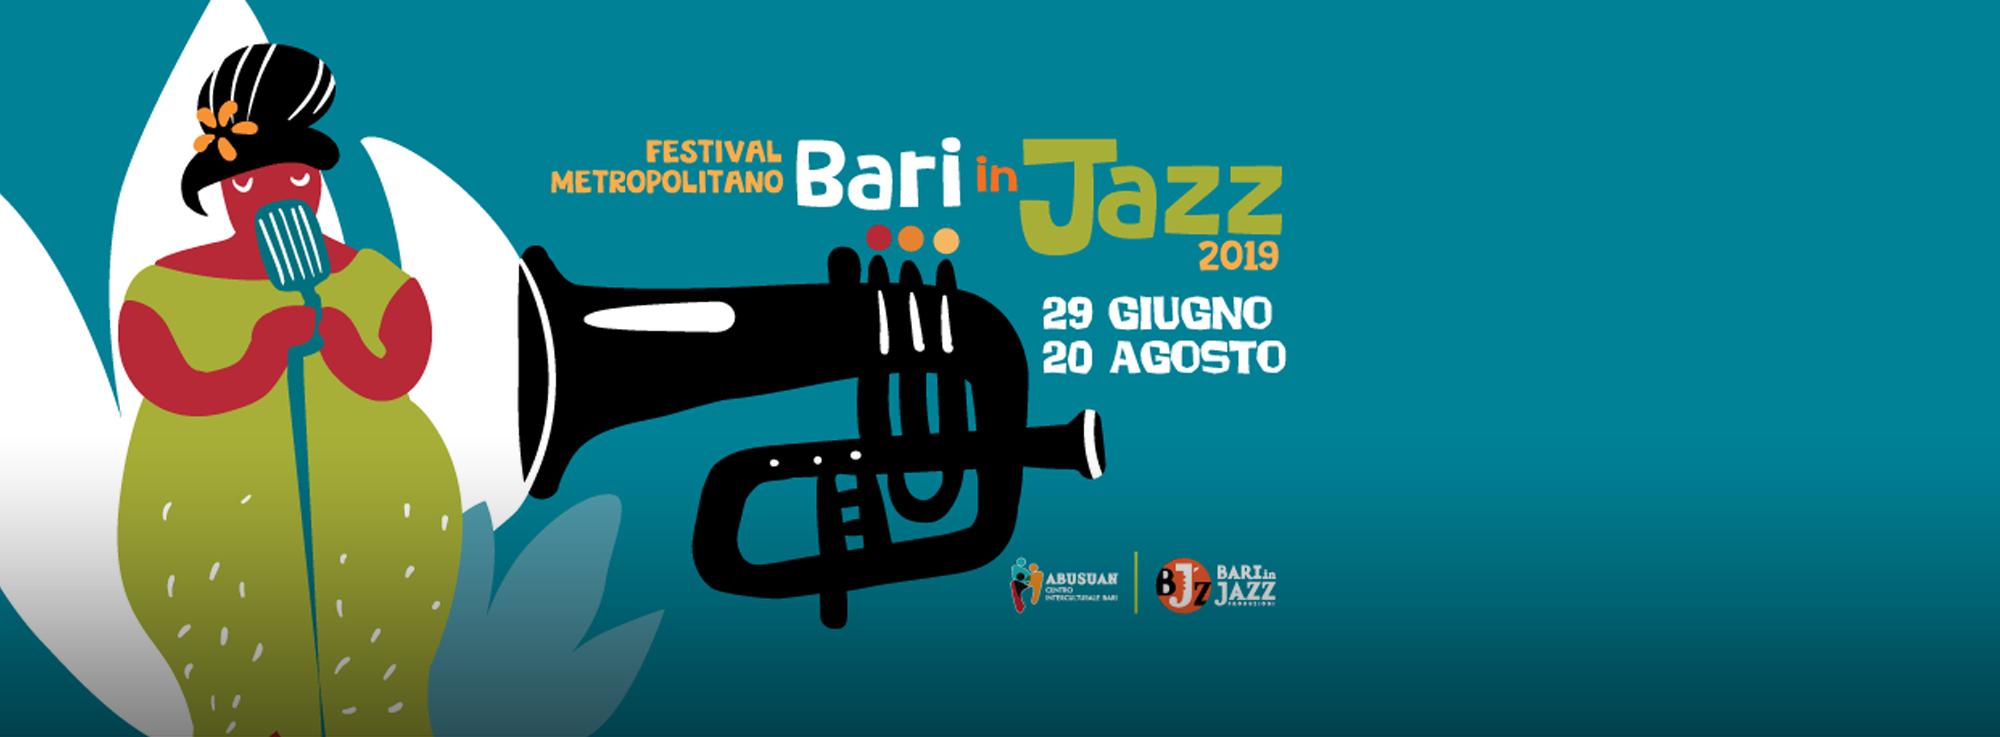 Bari, Brindisi, Polignano a Mare, Sammichele di Bari, Conversano, Alberobello, Giovinazzo, Fasano, Gravina: Bari in Jazz